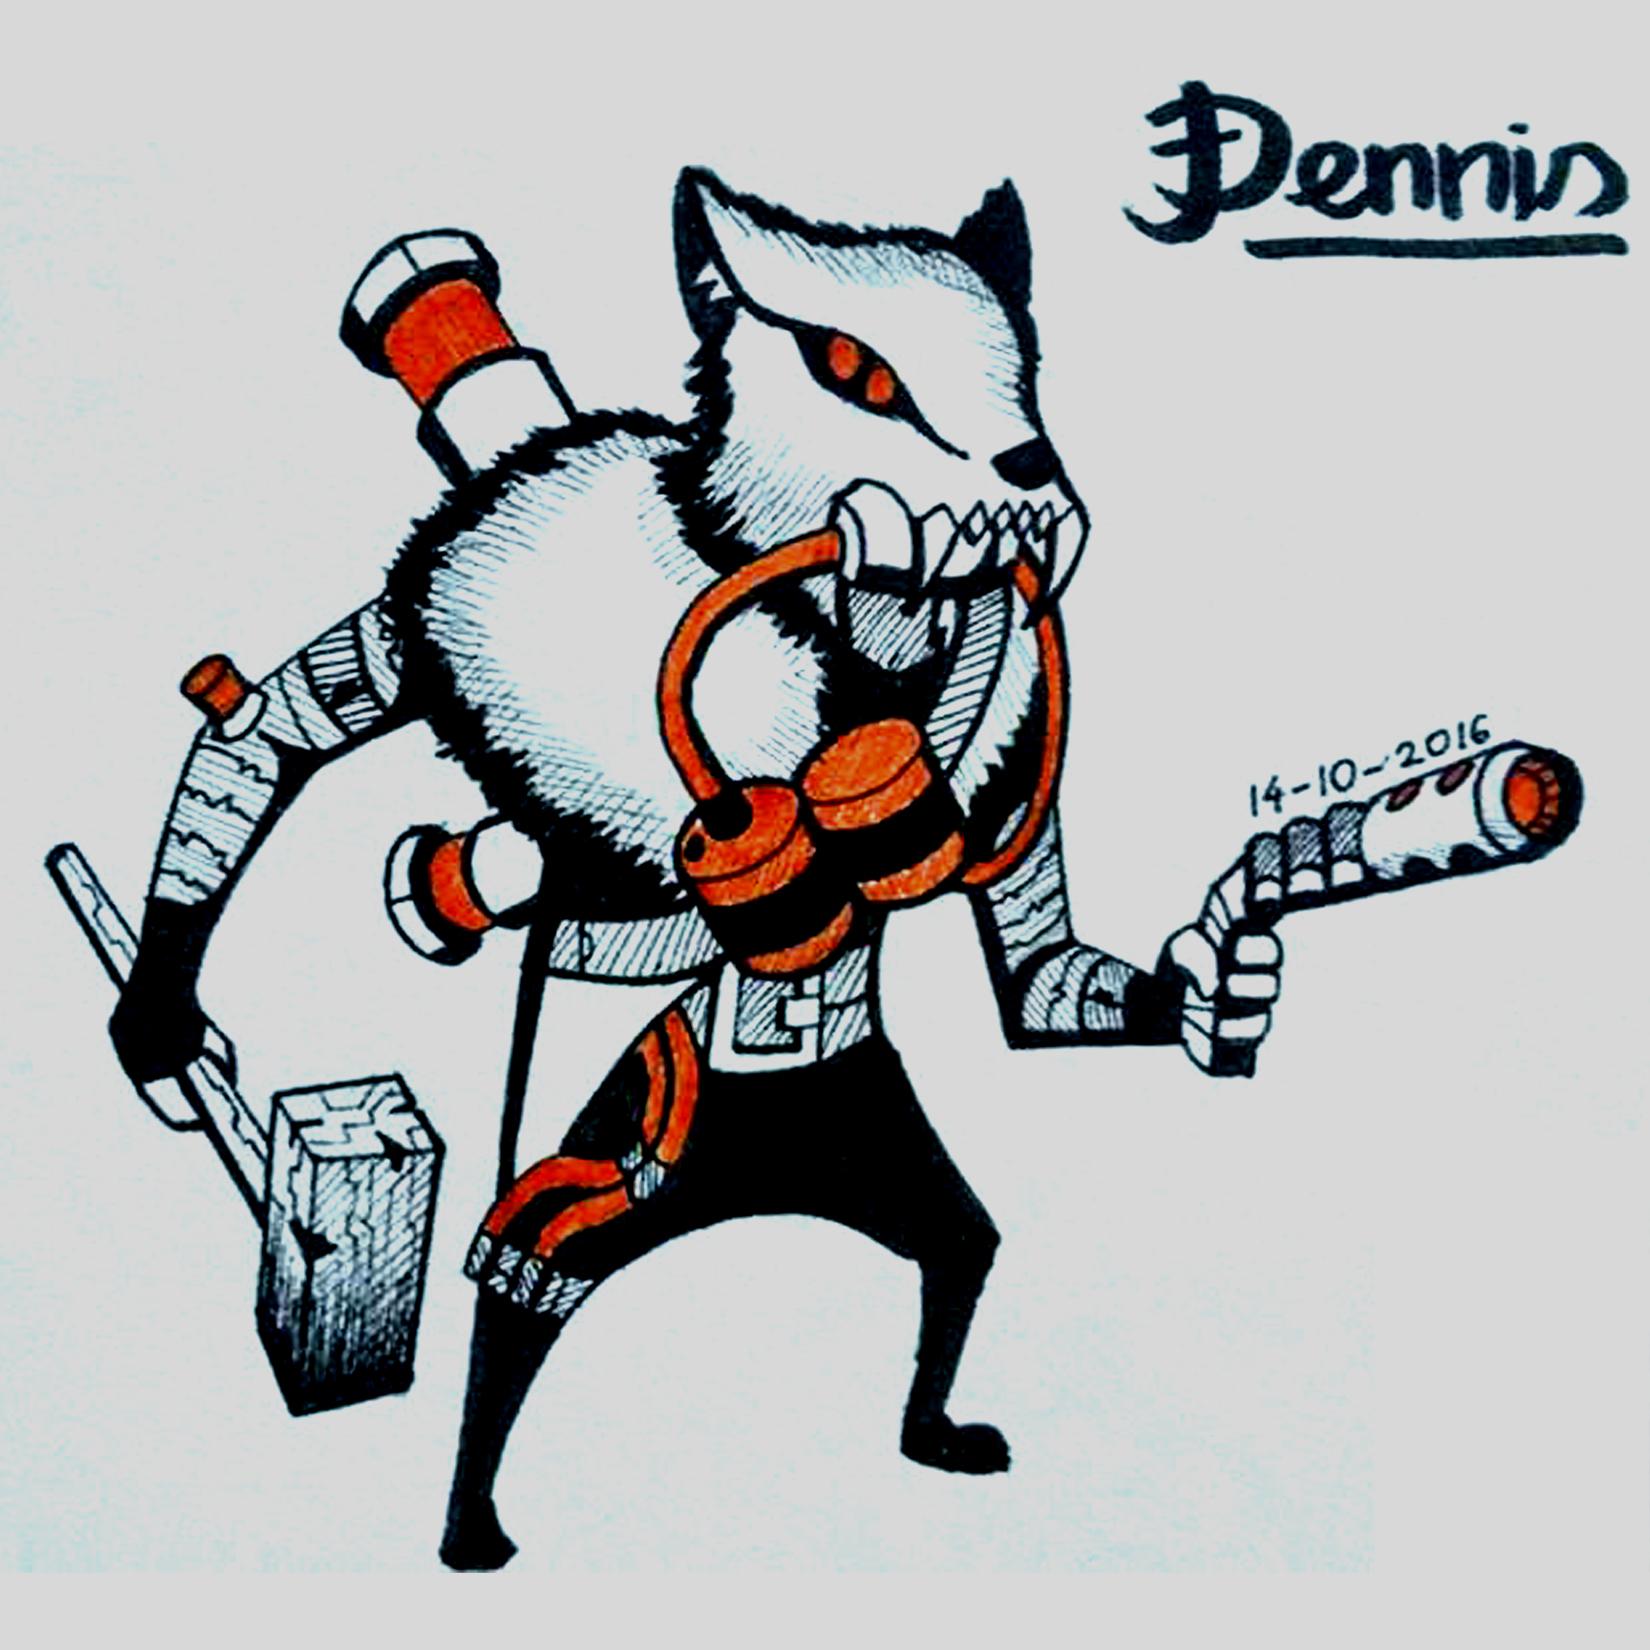 #12 - Dennis